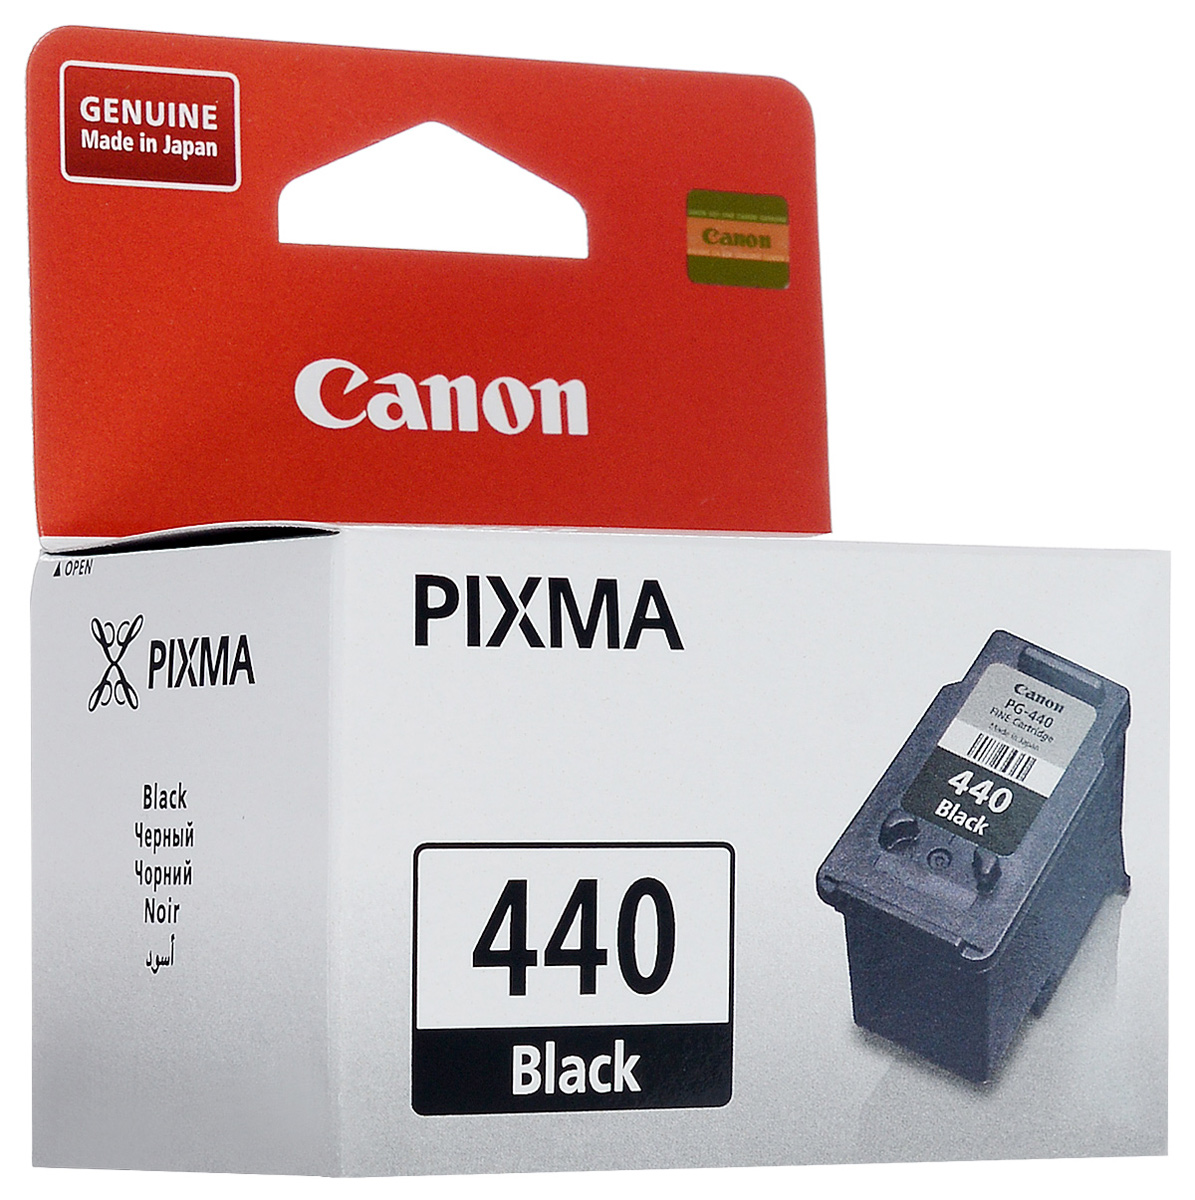 Canon PG-440BK, Black картридж для струйных МФУ/принтеров canon pg 510bk black картридж для струйных мфу принтеров